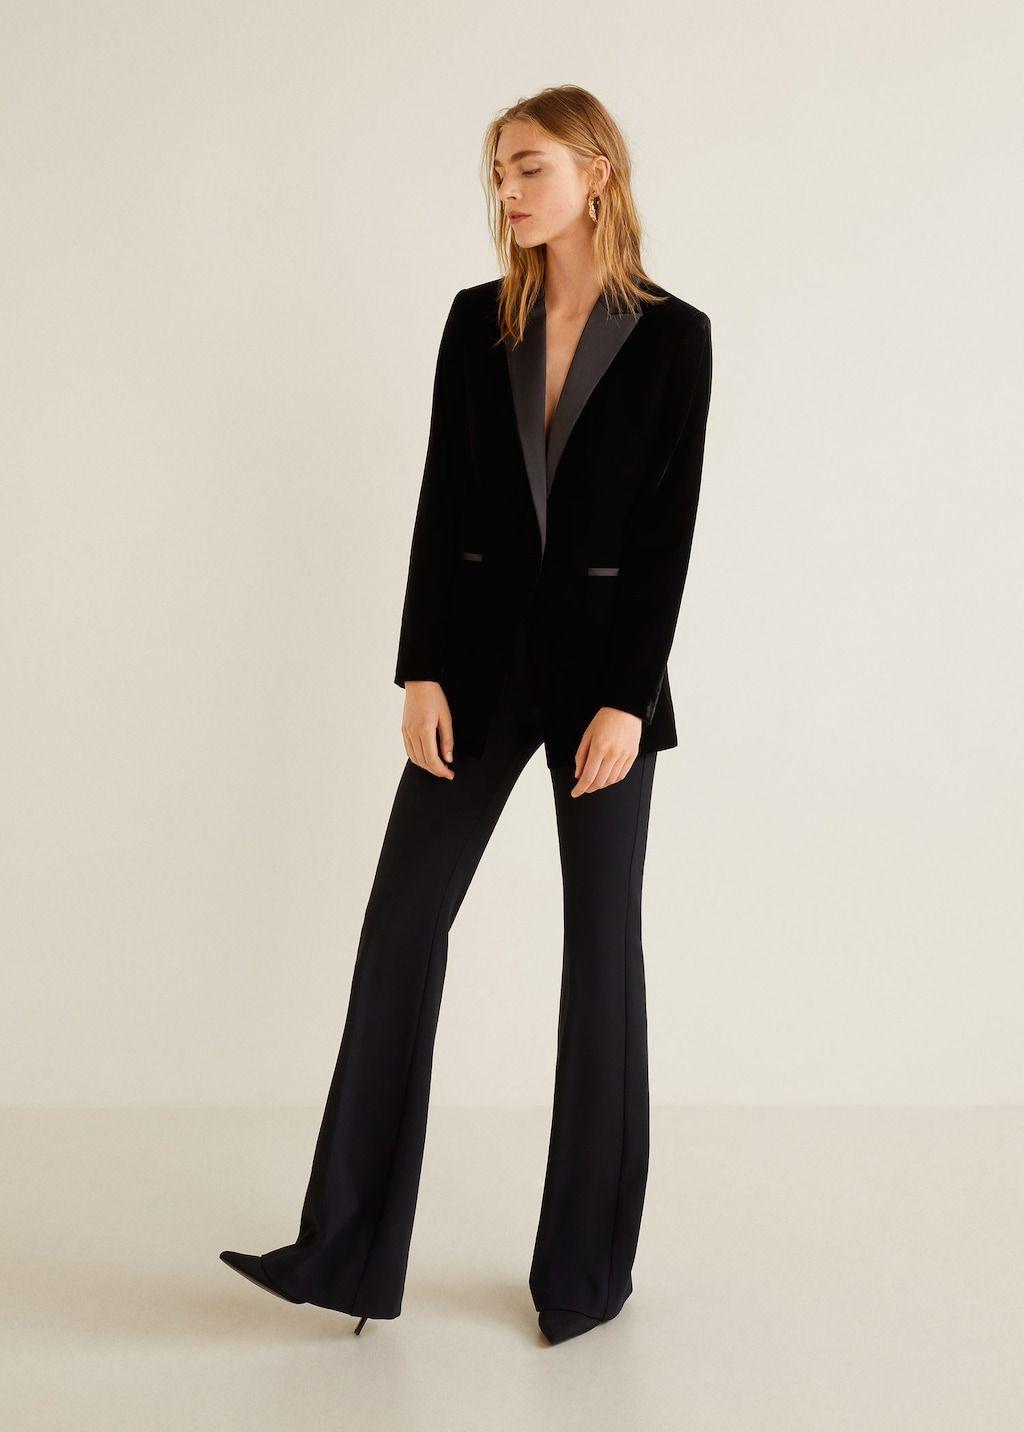 The Ubiquitous Black Interview Suit Stylish Women Fashion Sweat Clothes Suits For Women [ 1125 x 750 Pixel ]